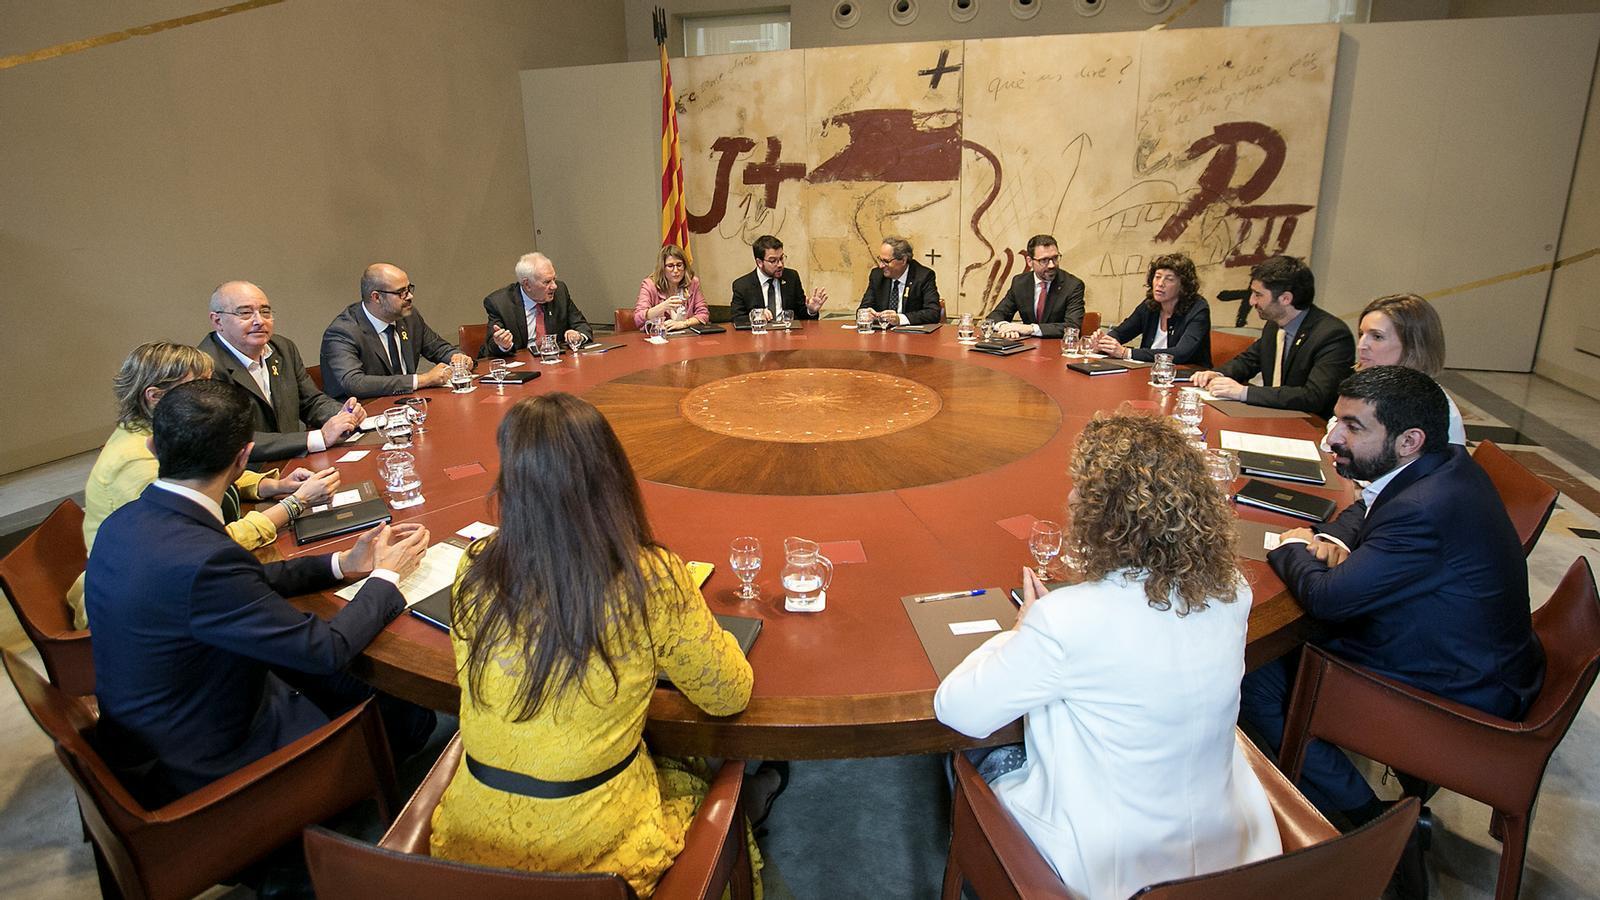 L'anàlisi d'Antoni Bassas: 'Una bona estratègia serà governar bé'